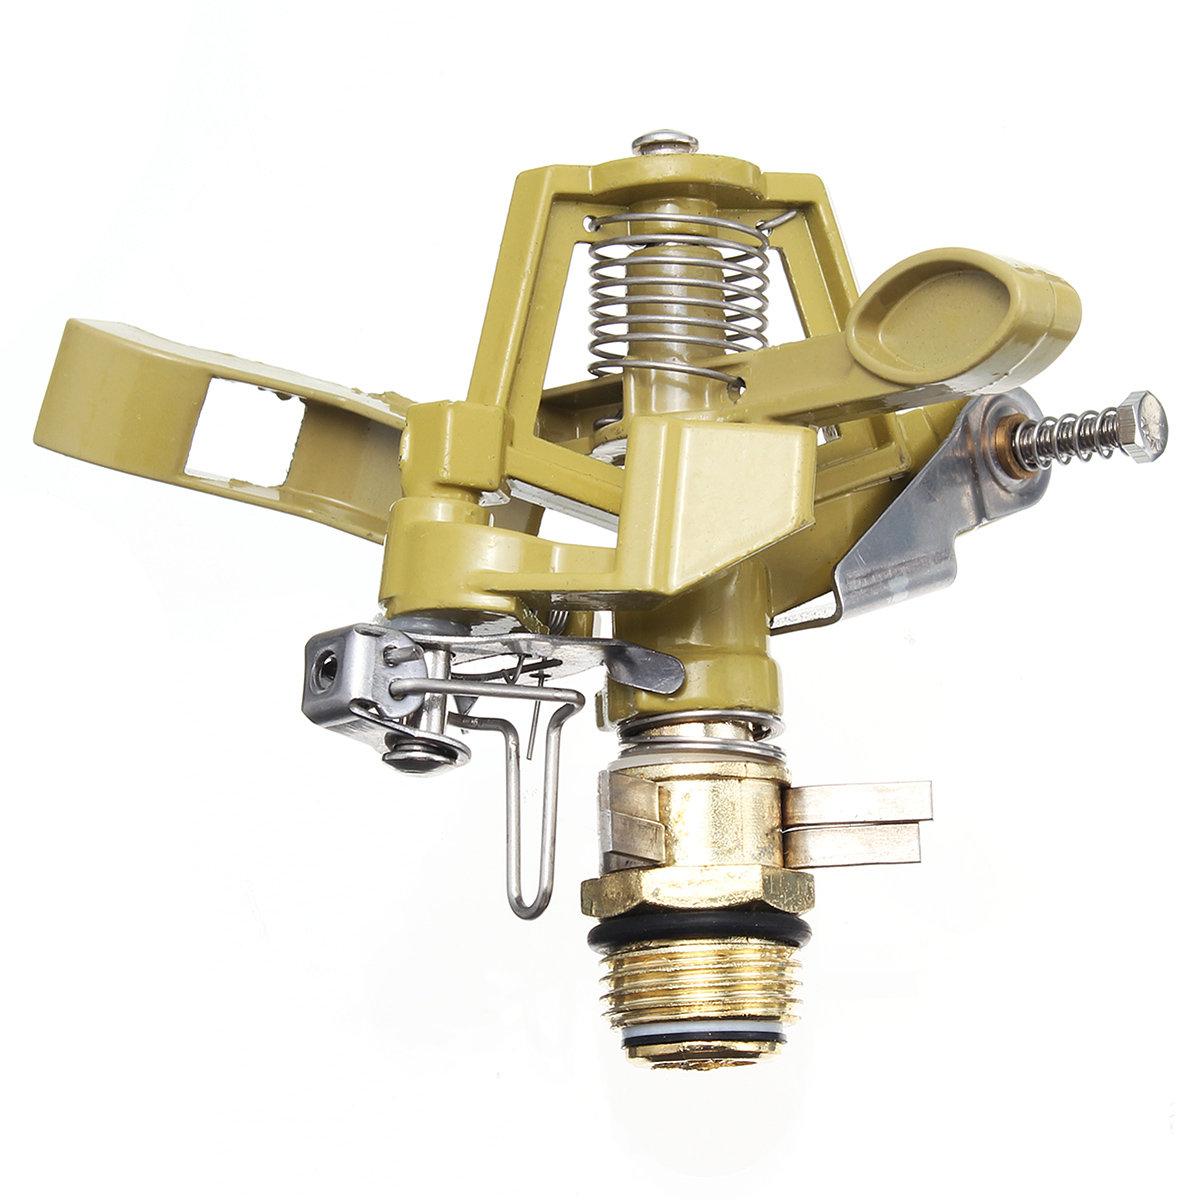 Garden Metal Impulse Spike Water Sprinkler Sprayer Watering Lawn 360°Rotary Yard Irrigation